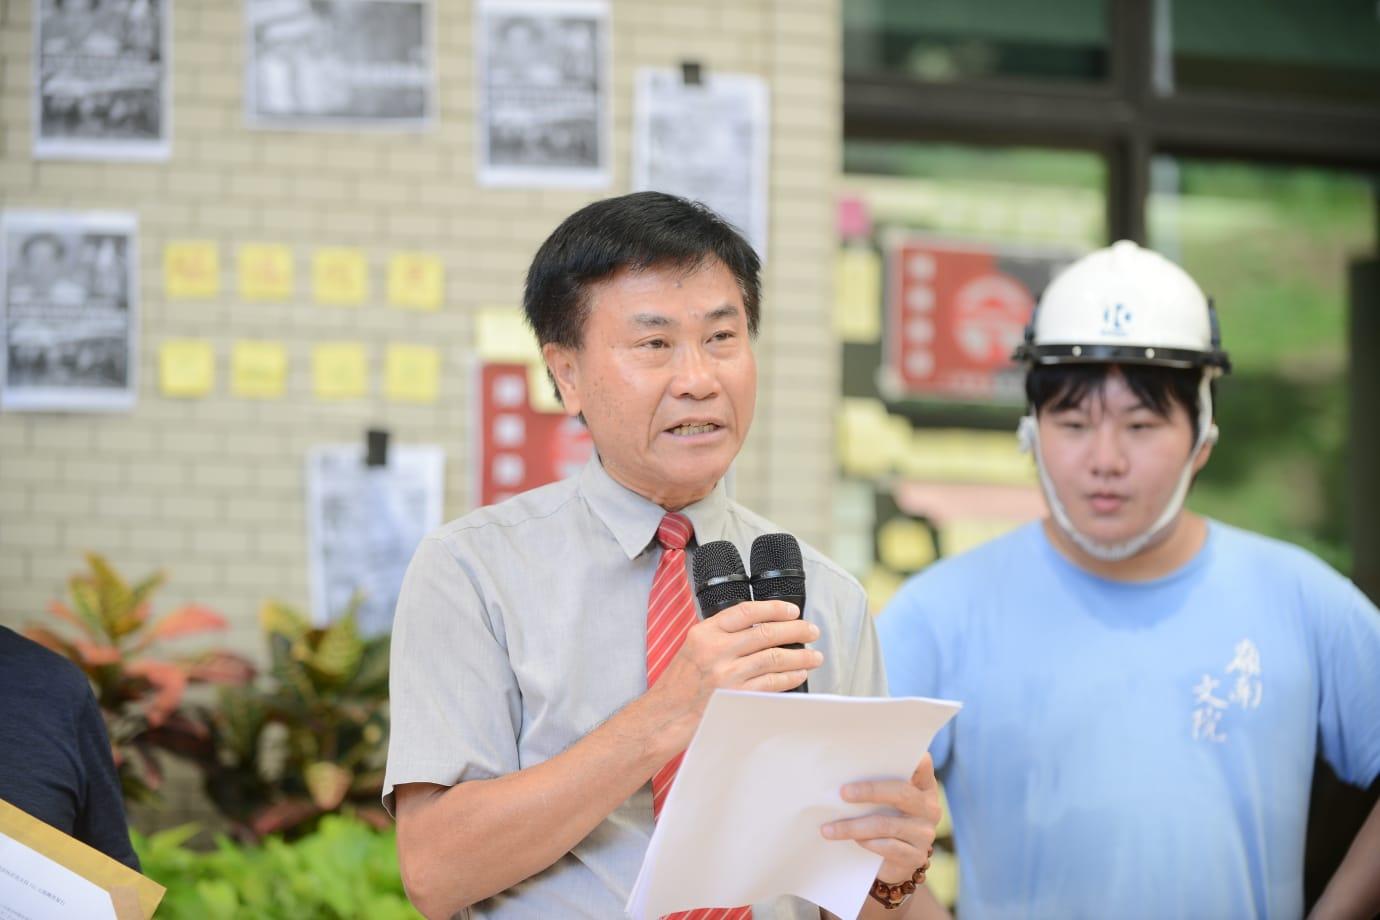 鄭國漢在學生連番要求下,承諾今午會聯同莫家豪及劉智鵬前往元朗視察情況。